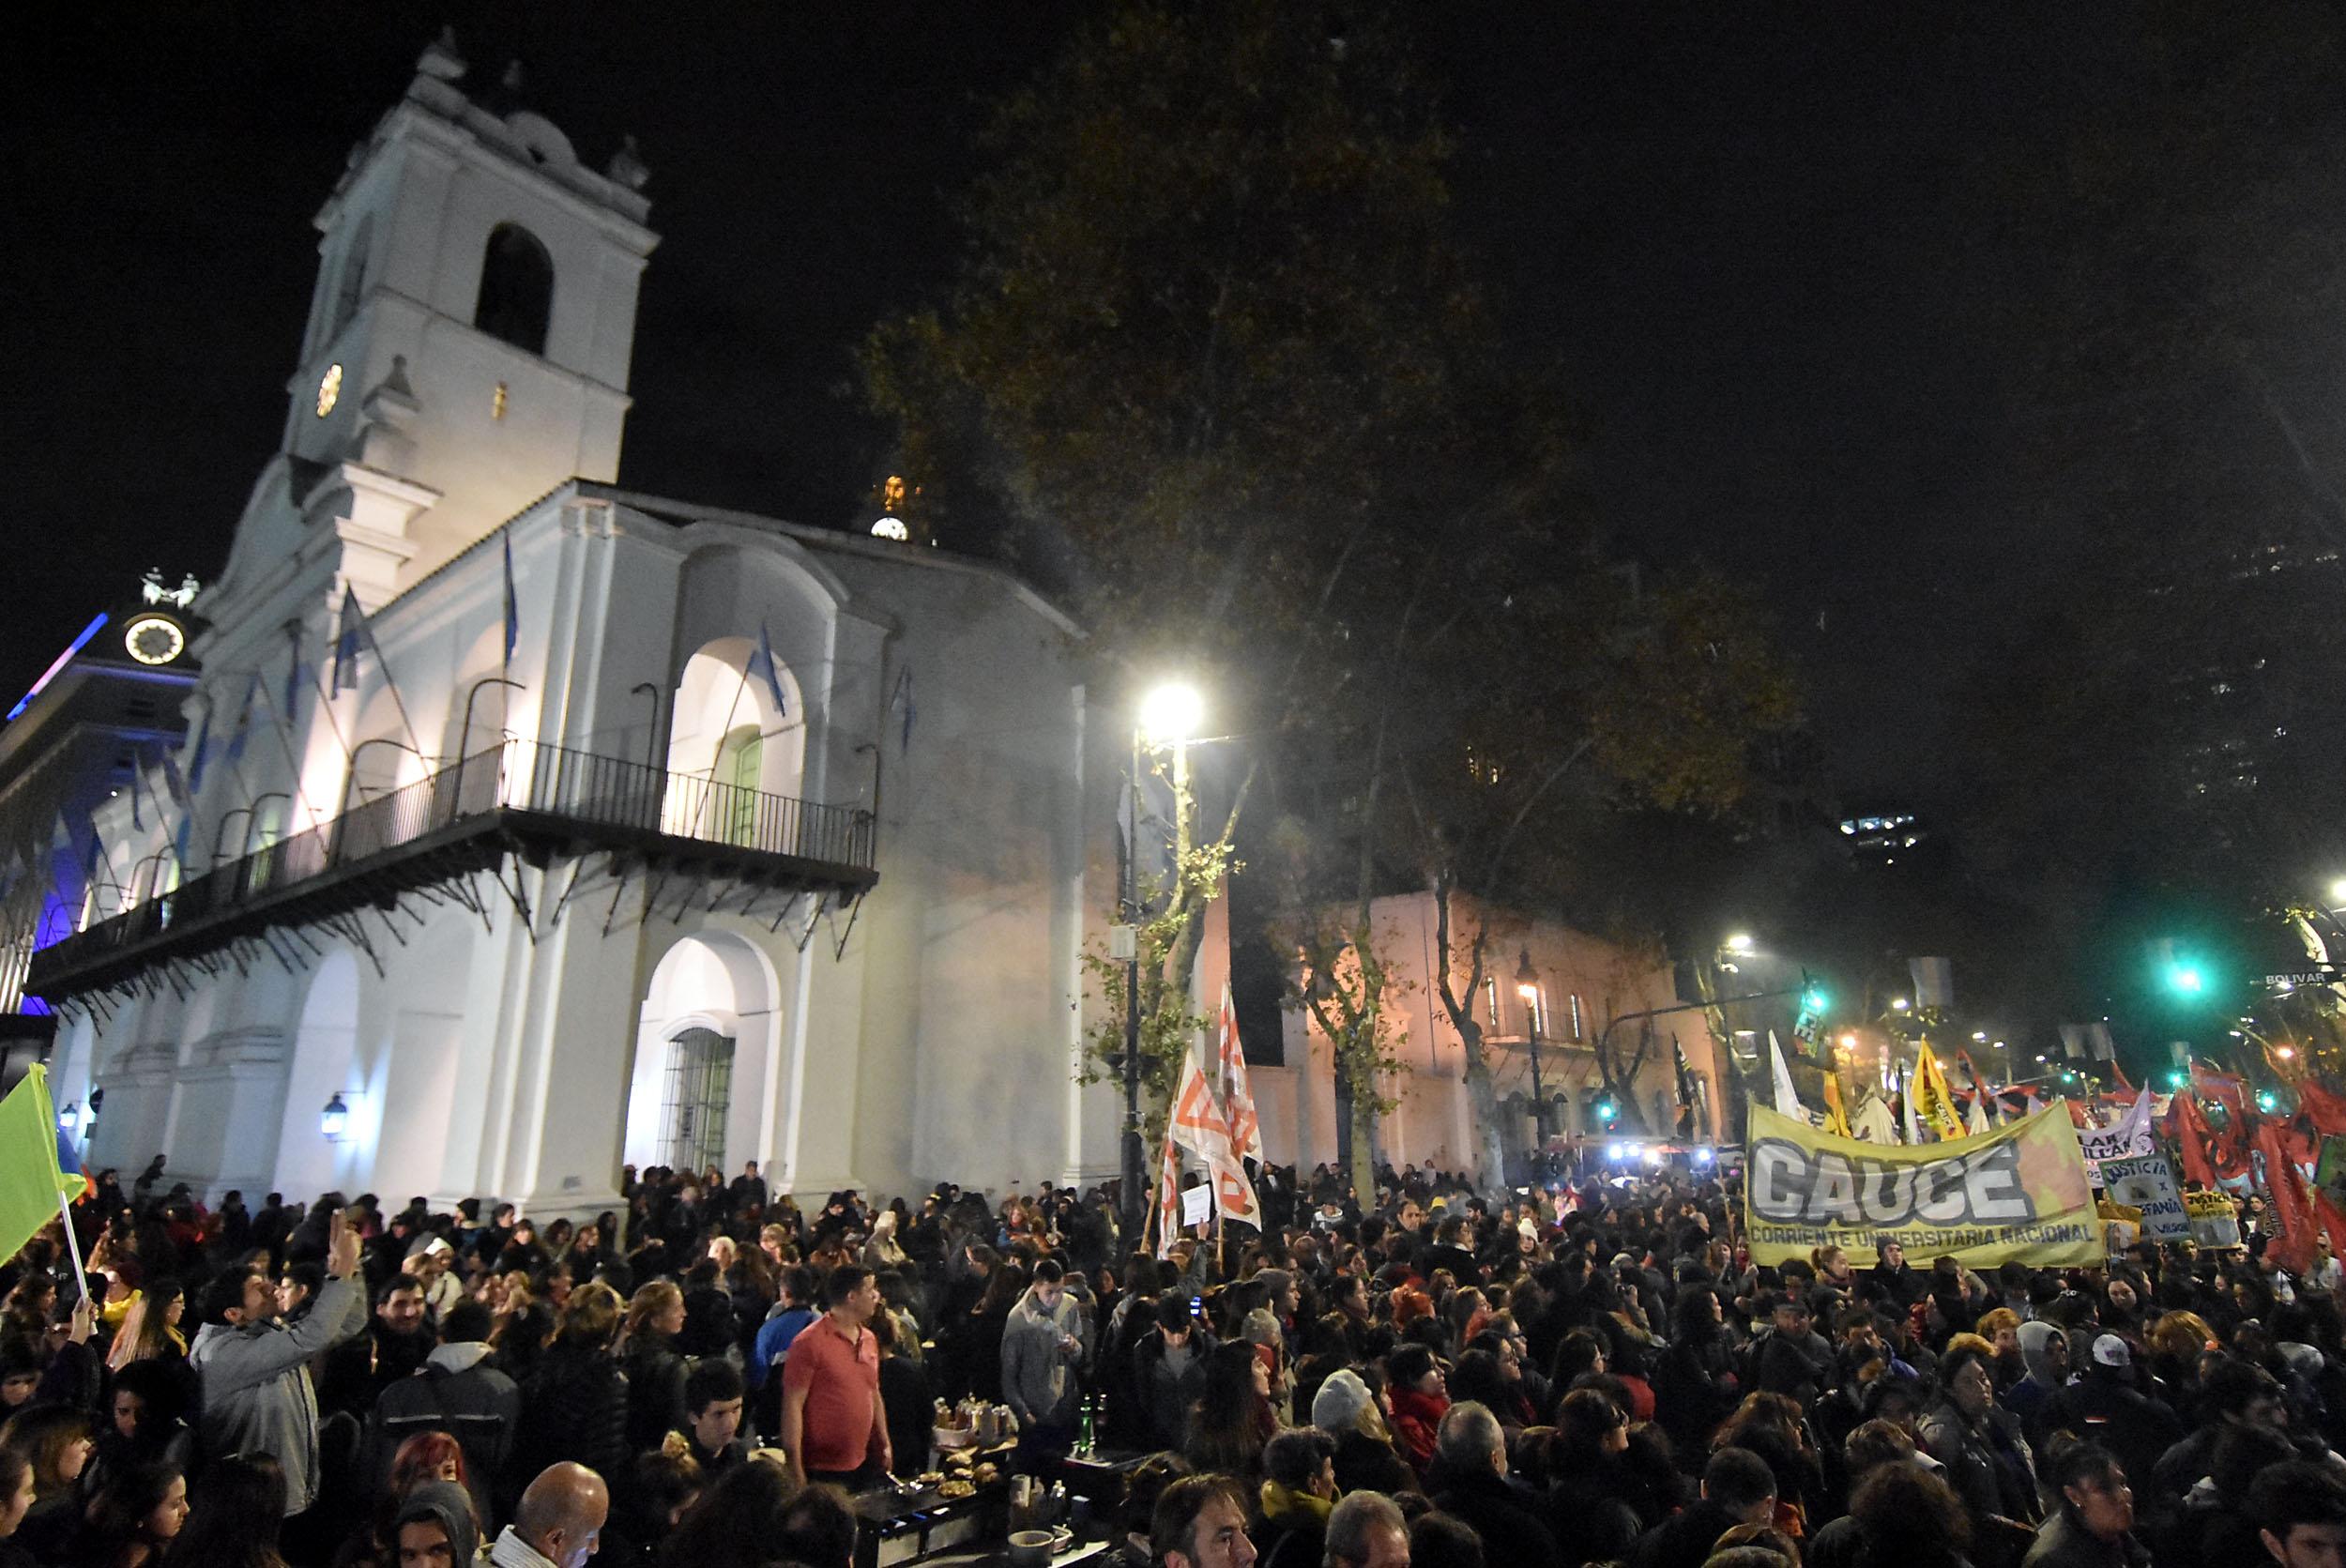 """DYN206, BUENOS AIRES, 03/06/2016, MARCHA POR """"NI UNA MENOS """" DESDE EL CONGRESO A PLAZA DE MAYO. FOTO:DYN/ALBERTO RAGGIO."""